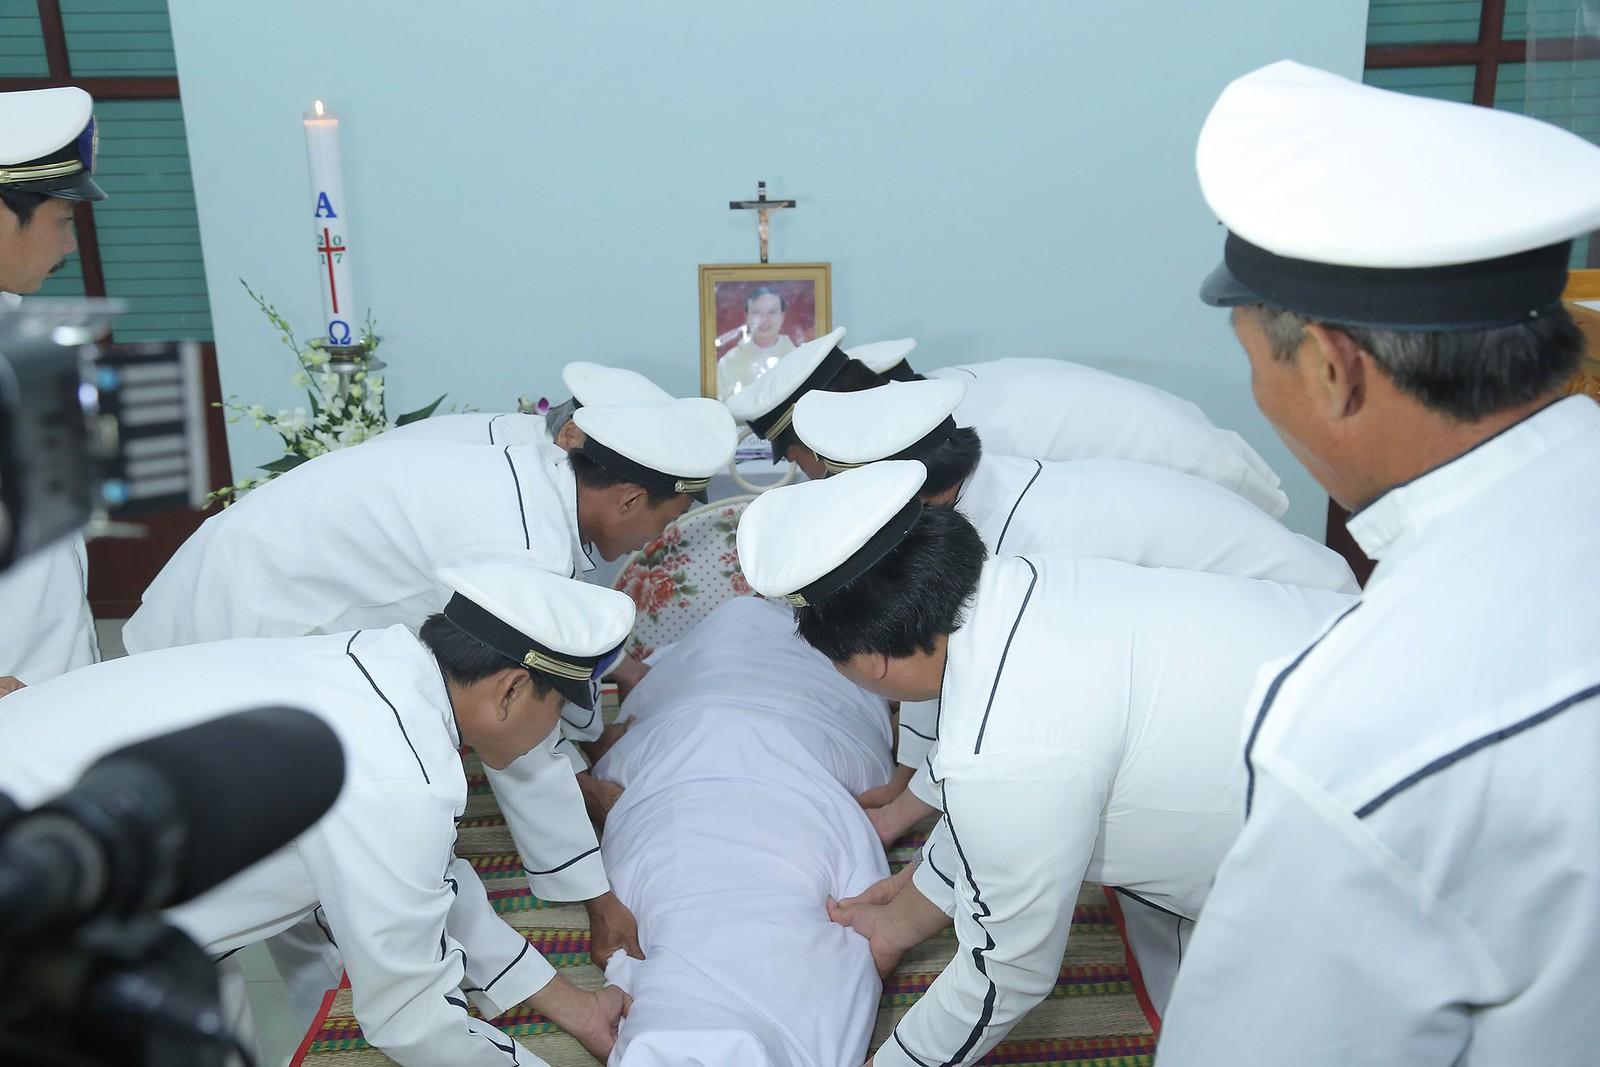 Cầu nguyện cho linh hồn Cha Giuse Đặng Đình An, Cha qua đời vì tai nạn giao thông - Ảnh minh hoạ 18